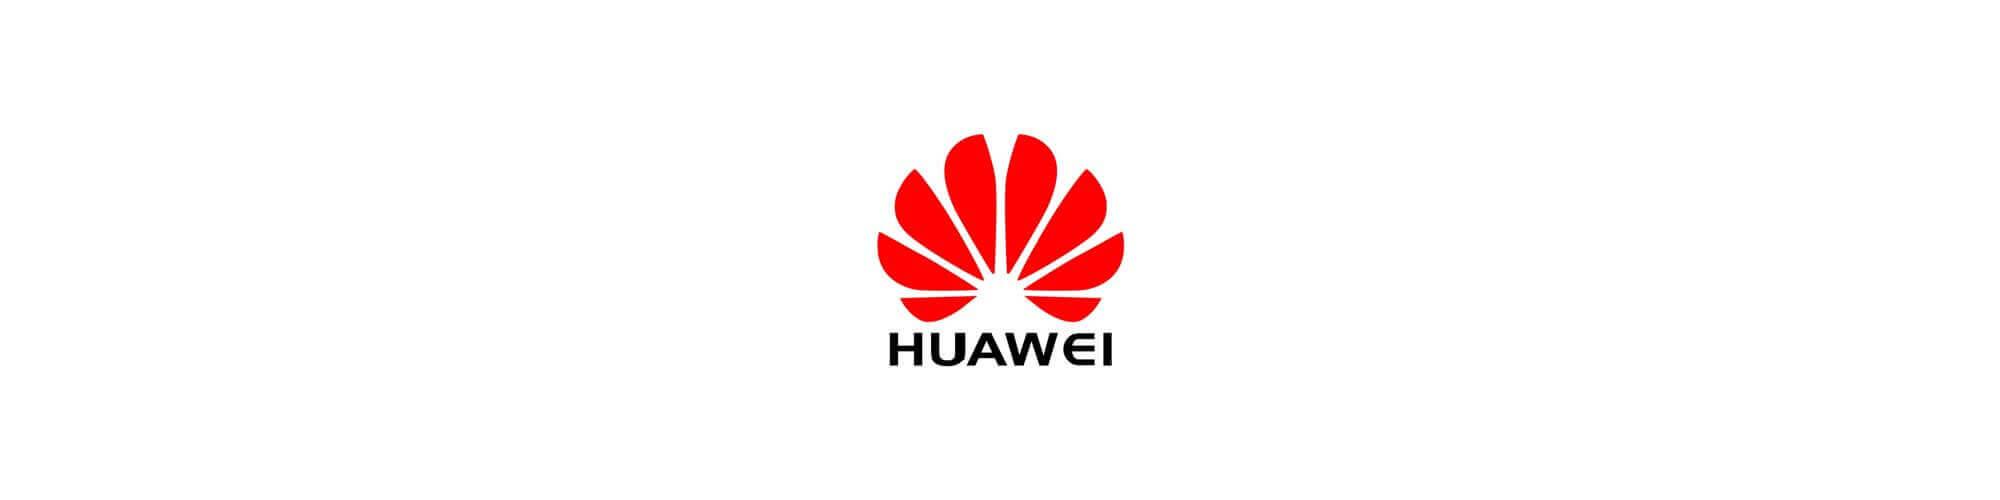 Το Kirin 9000 της Huawei διαθέτει GPU 24 πυρήνων